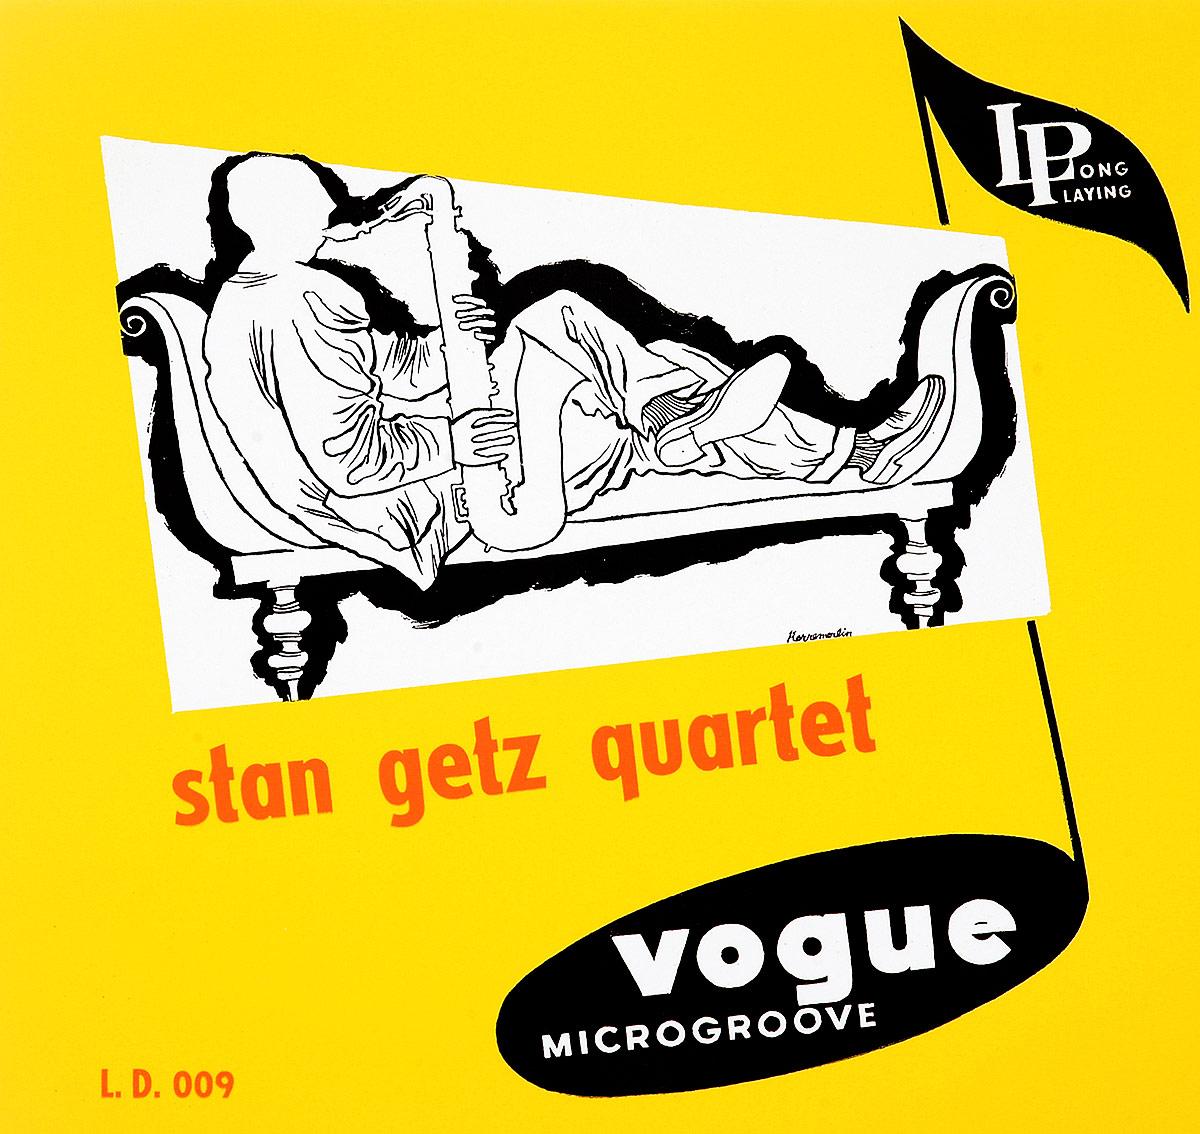 Стэн Гетц Stan Getz. Stan Getz Quartet (LP) стэн гетц stan getz big band bossa nova lp